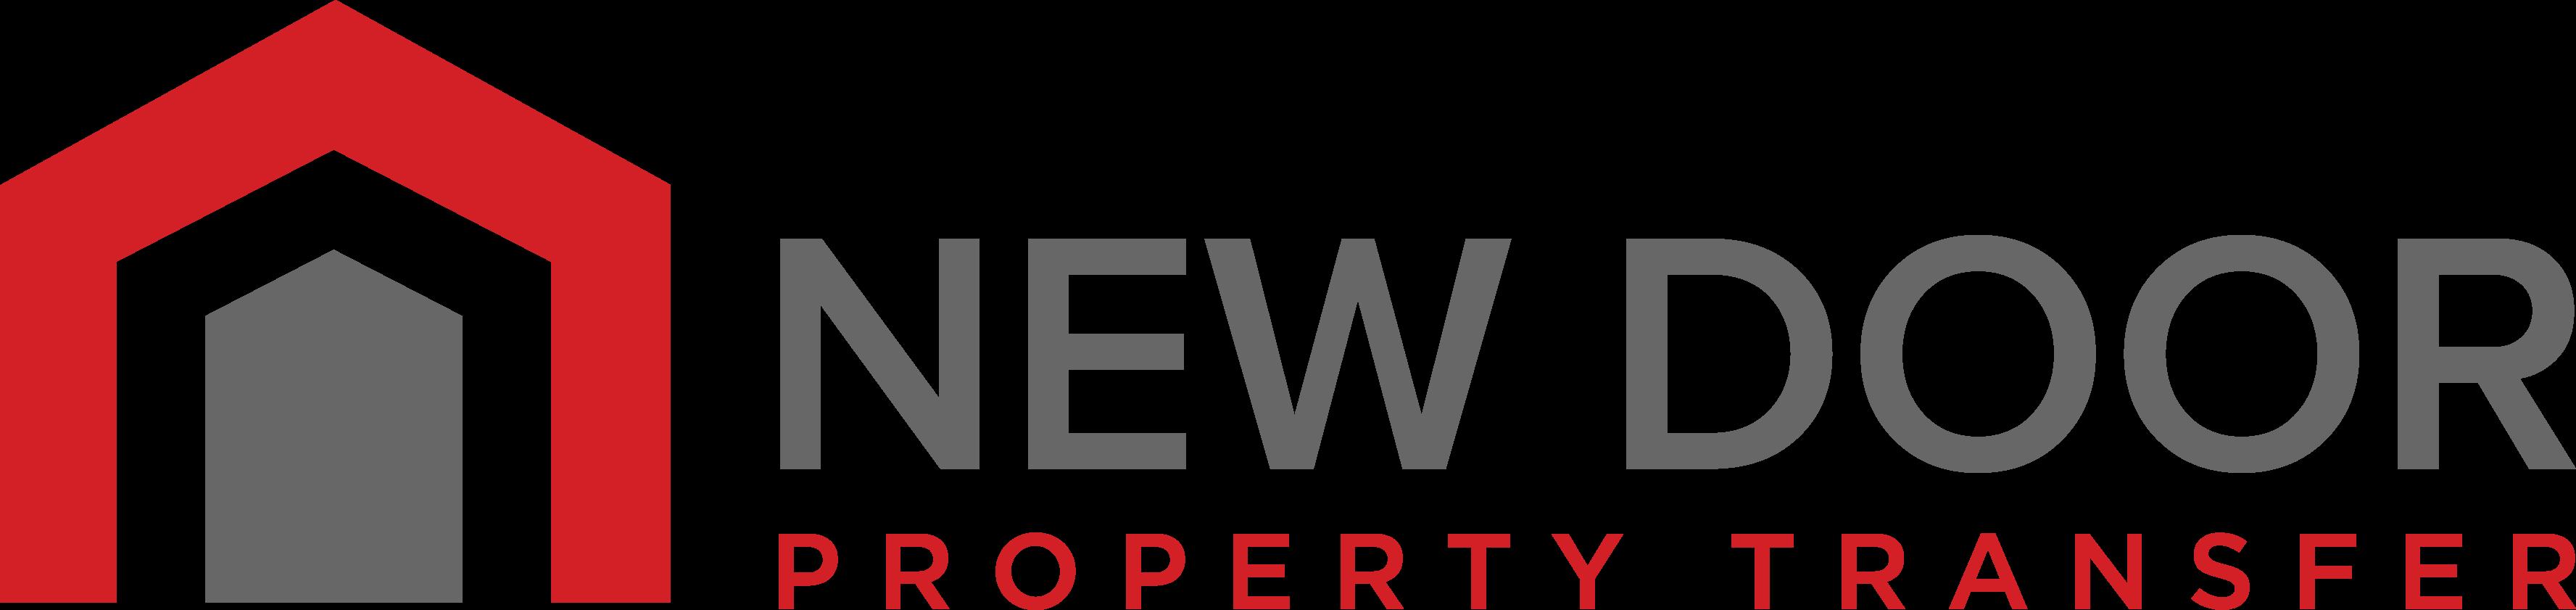 New Door Property Transfer logo